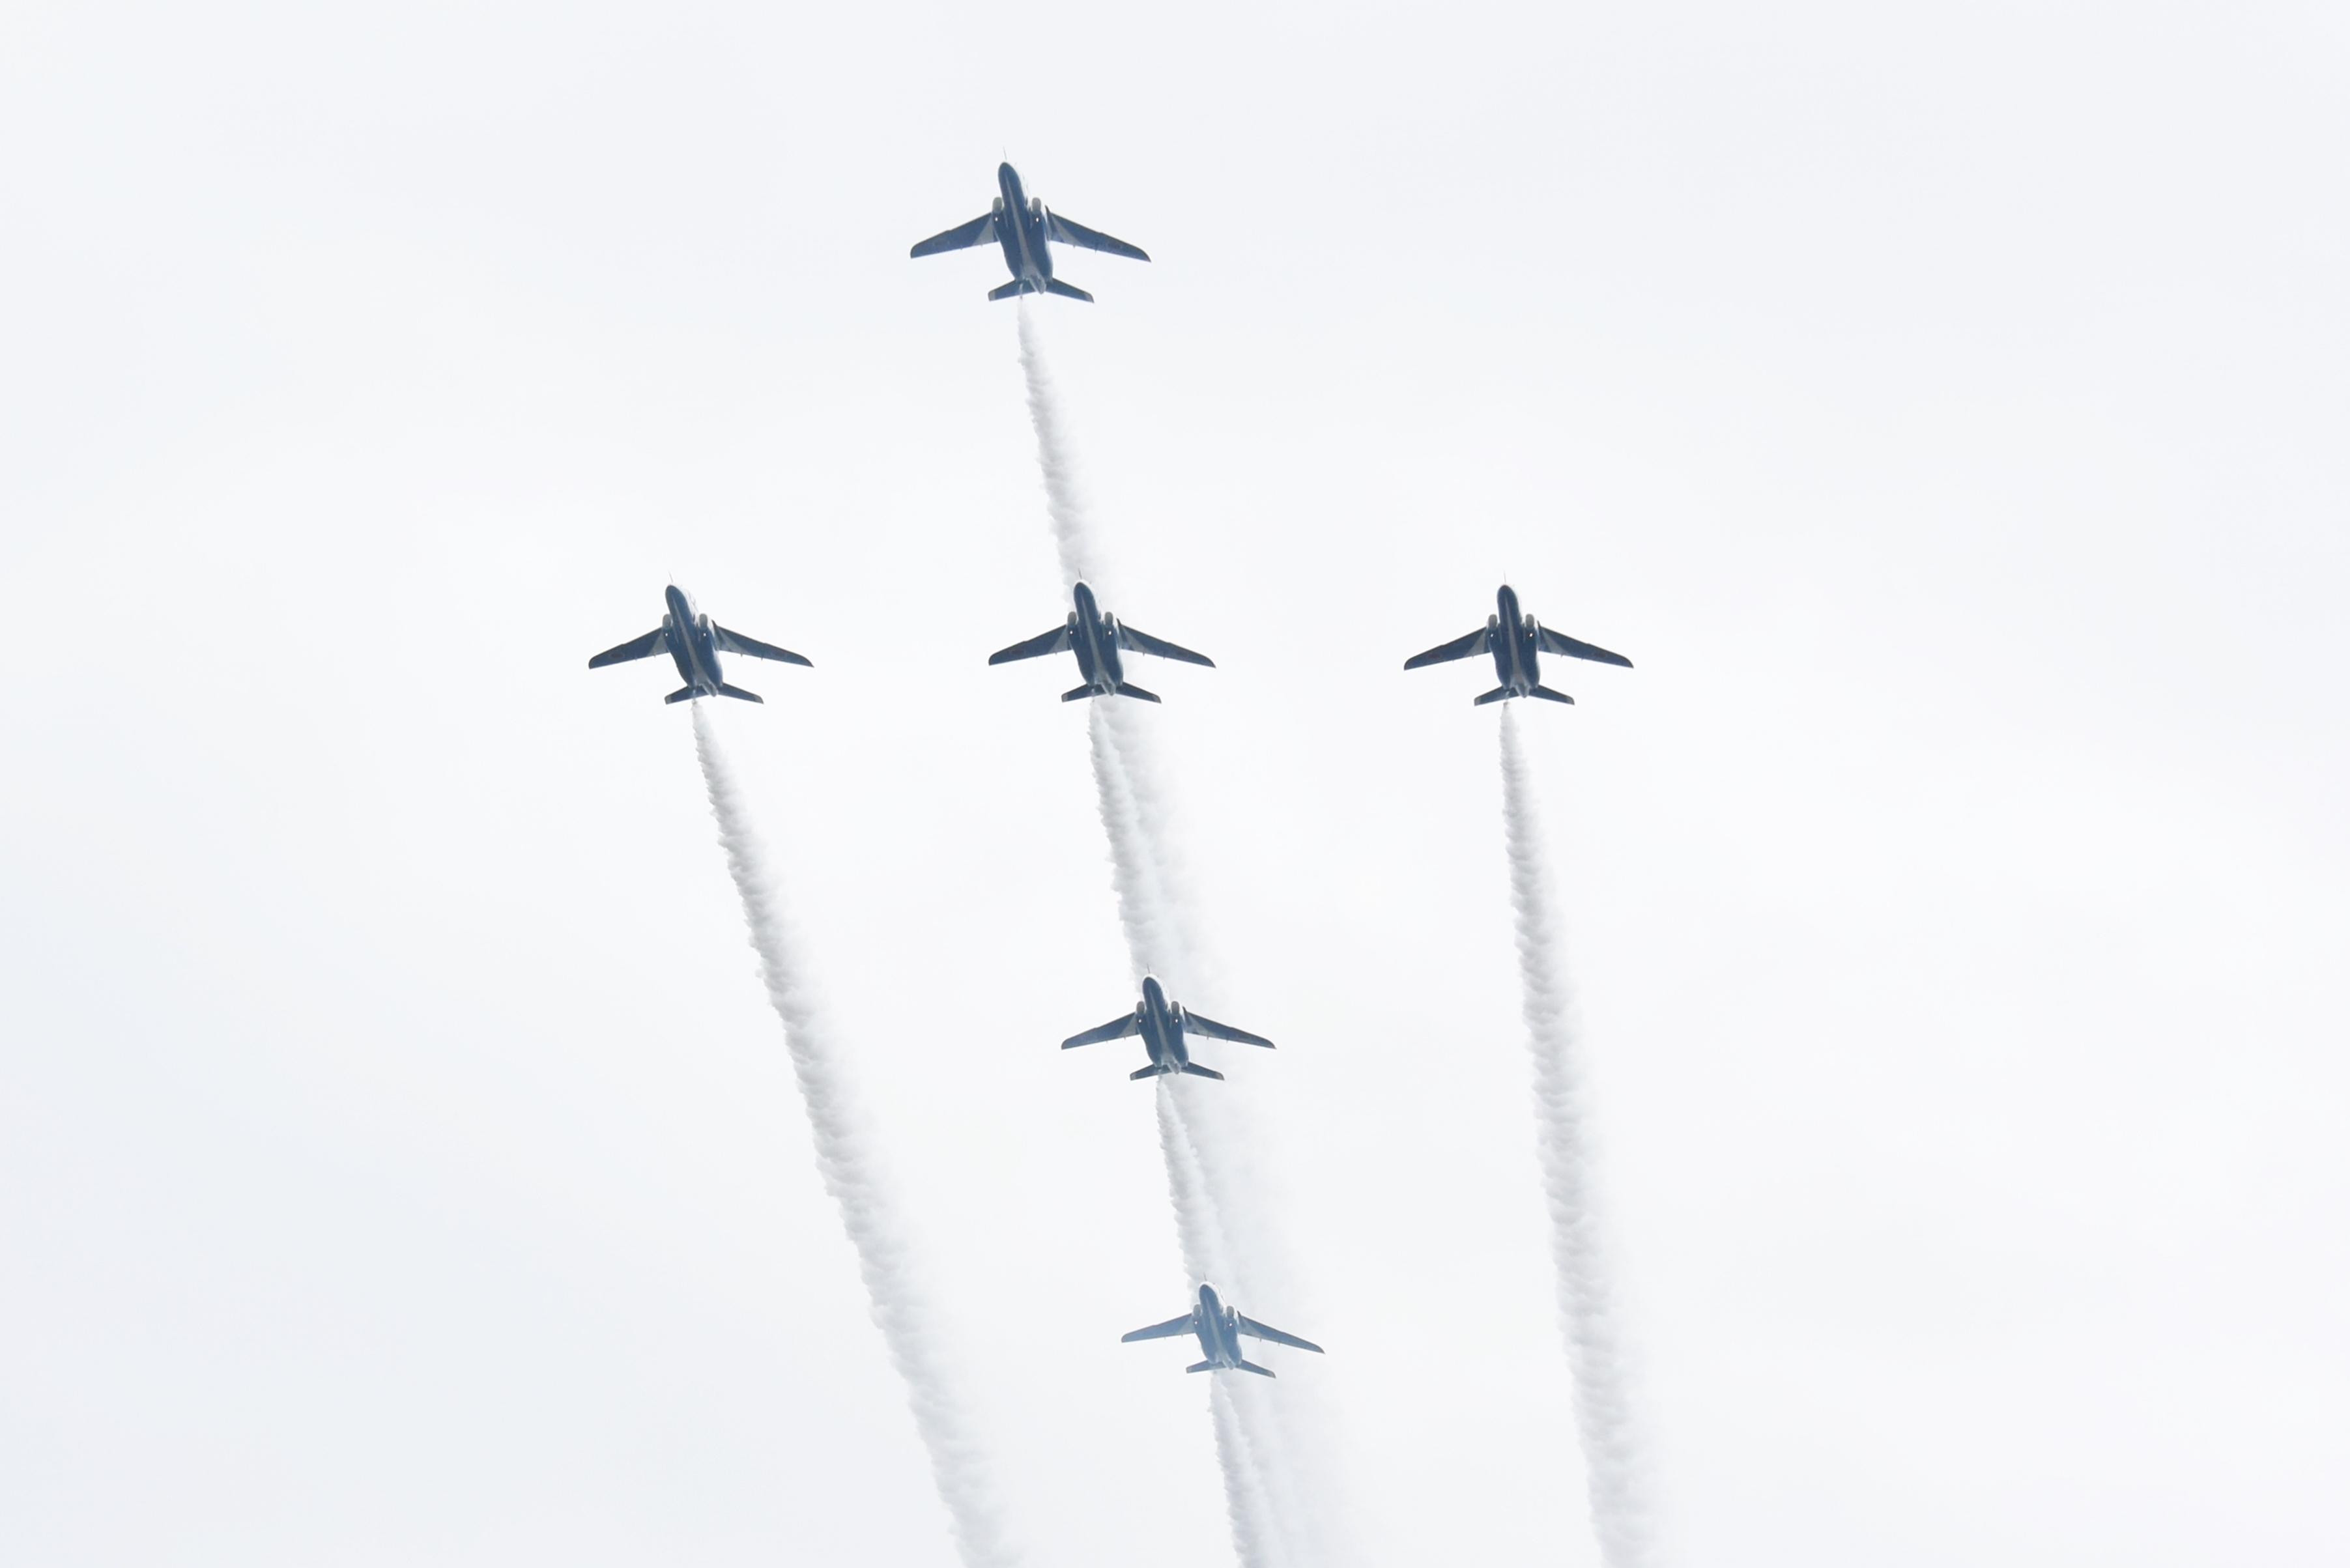 入間基地航空祭2019年ブルーインパルス課目(グランドクロス・ローパス)